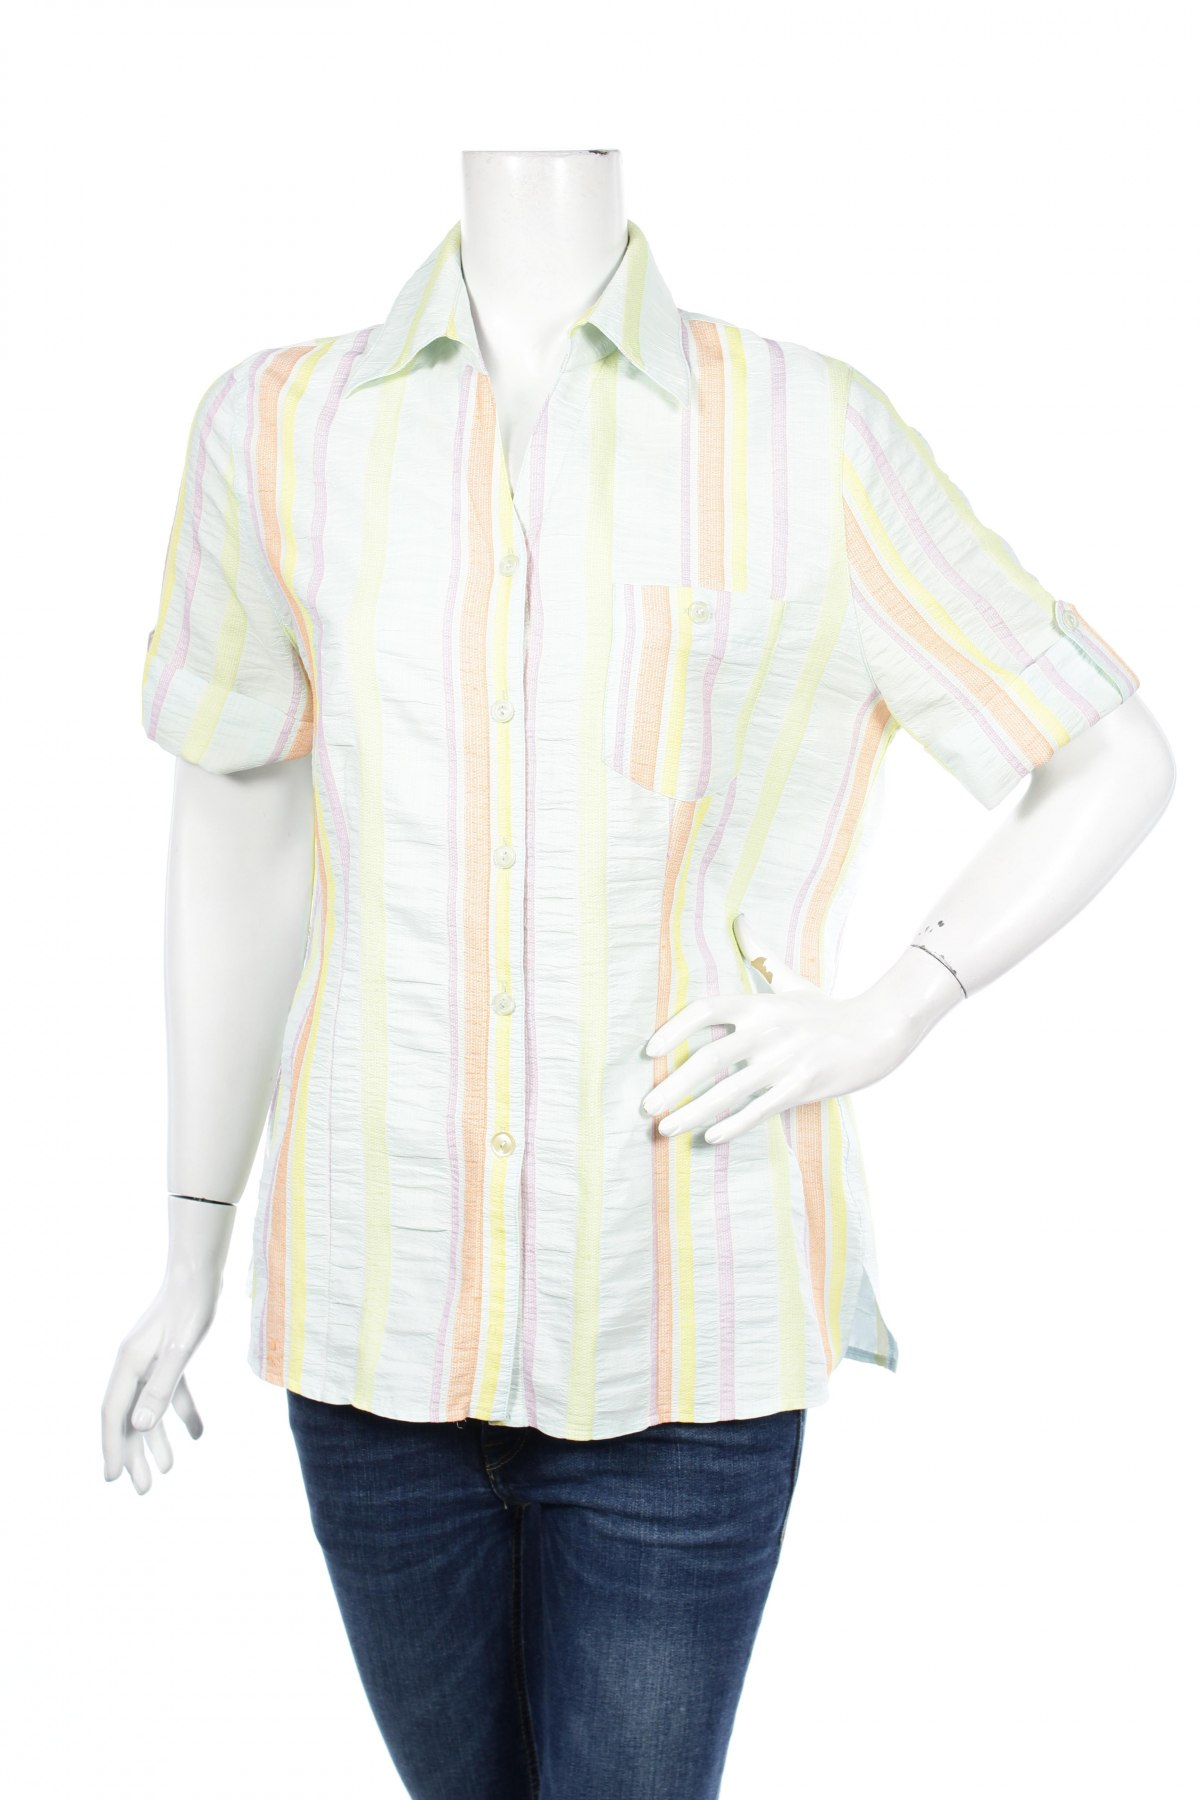 Γυναικείο πουκάμισο Nadia Nardi, Μέγεθος L, Χρώμα Πολύχρωμο, Τιμή 8,66€